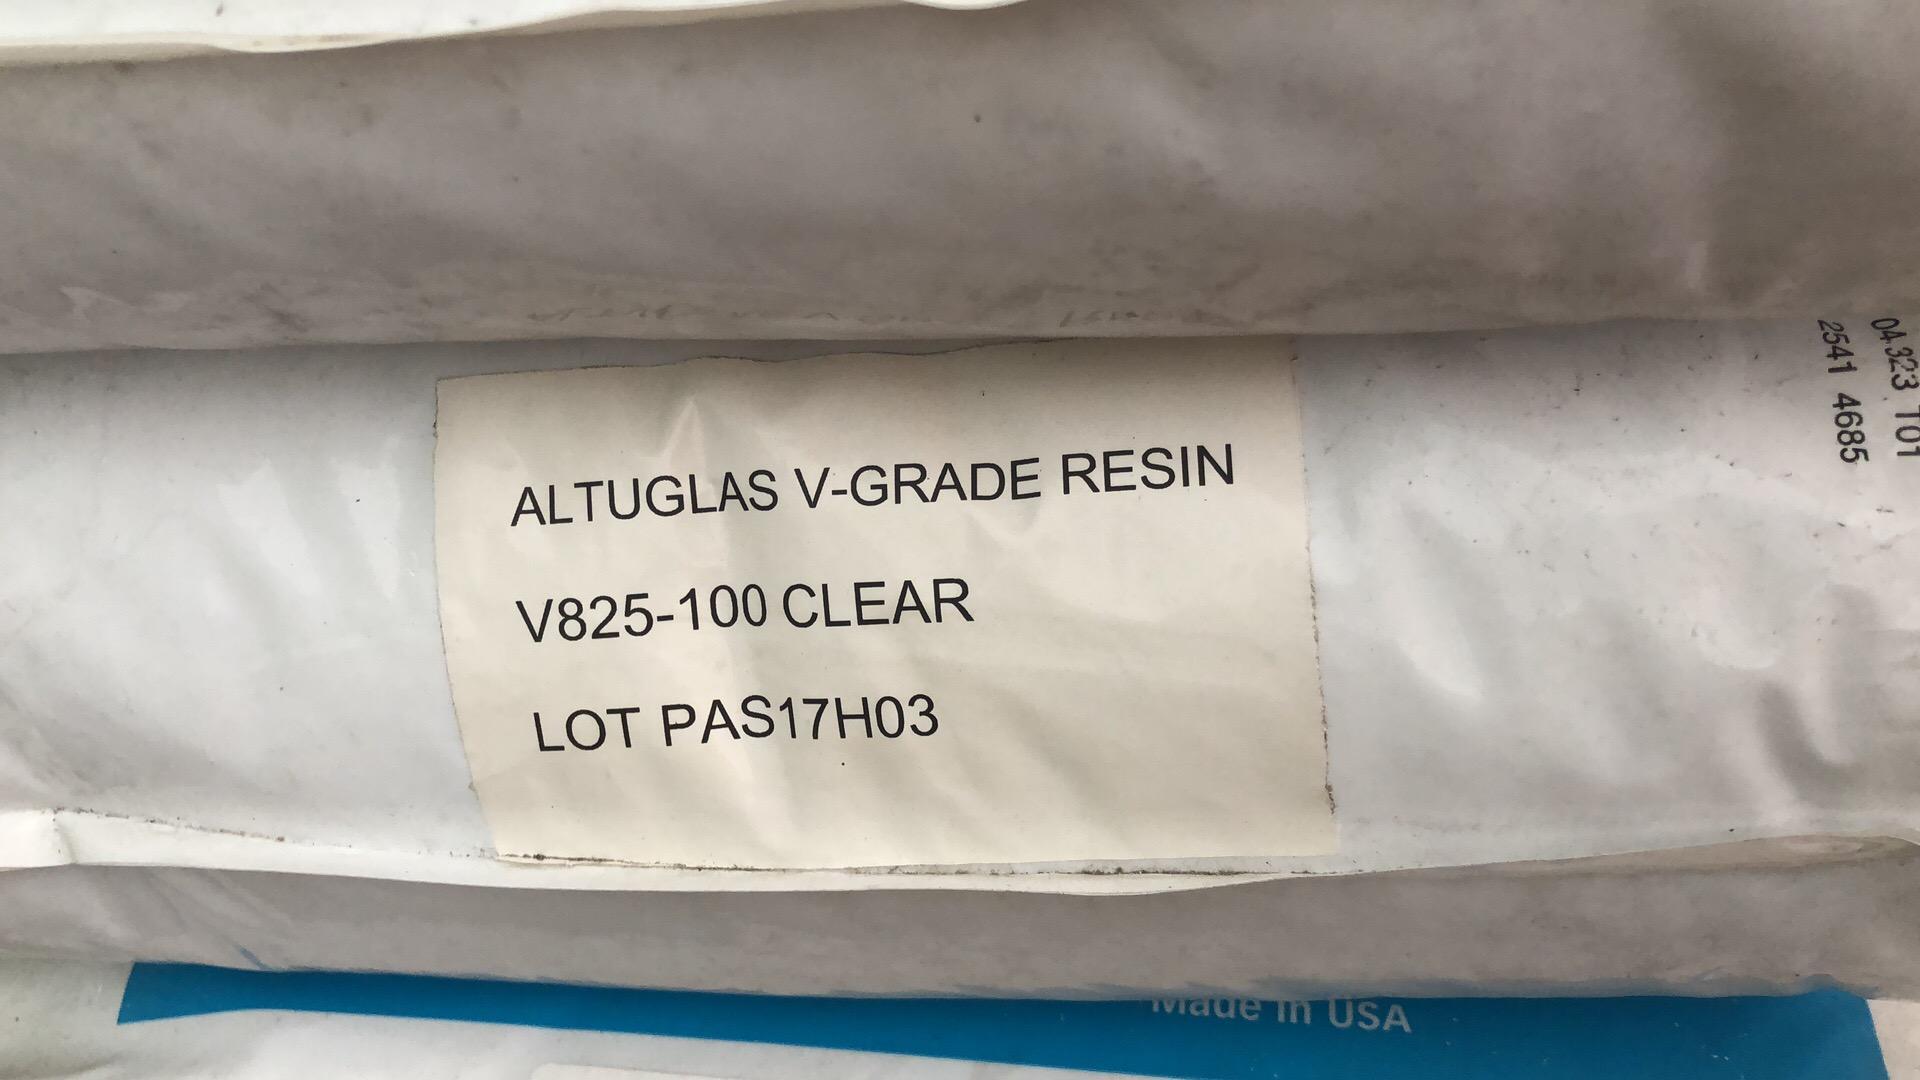 HIGH HEAT PMMA Altuglas HT121-102 Clear 19